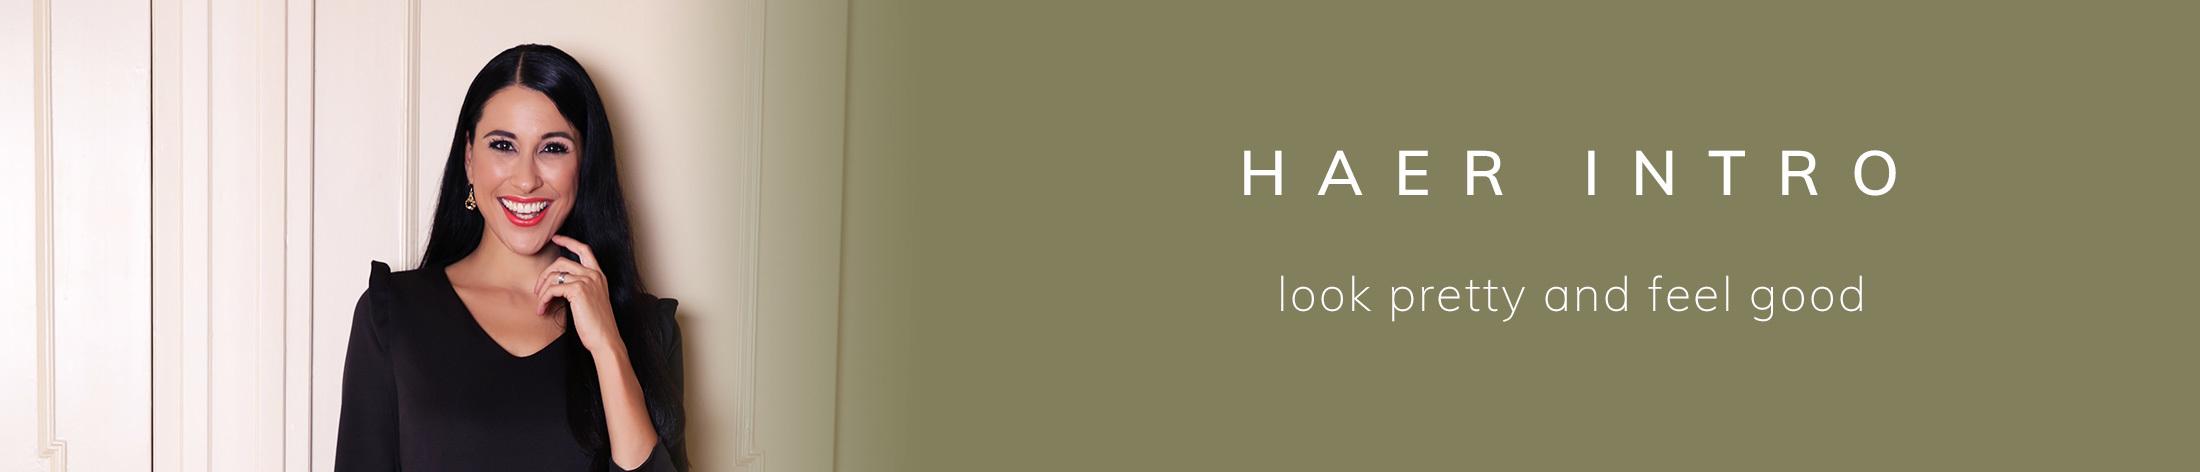 A/W19 - Haer intro